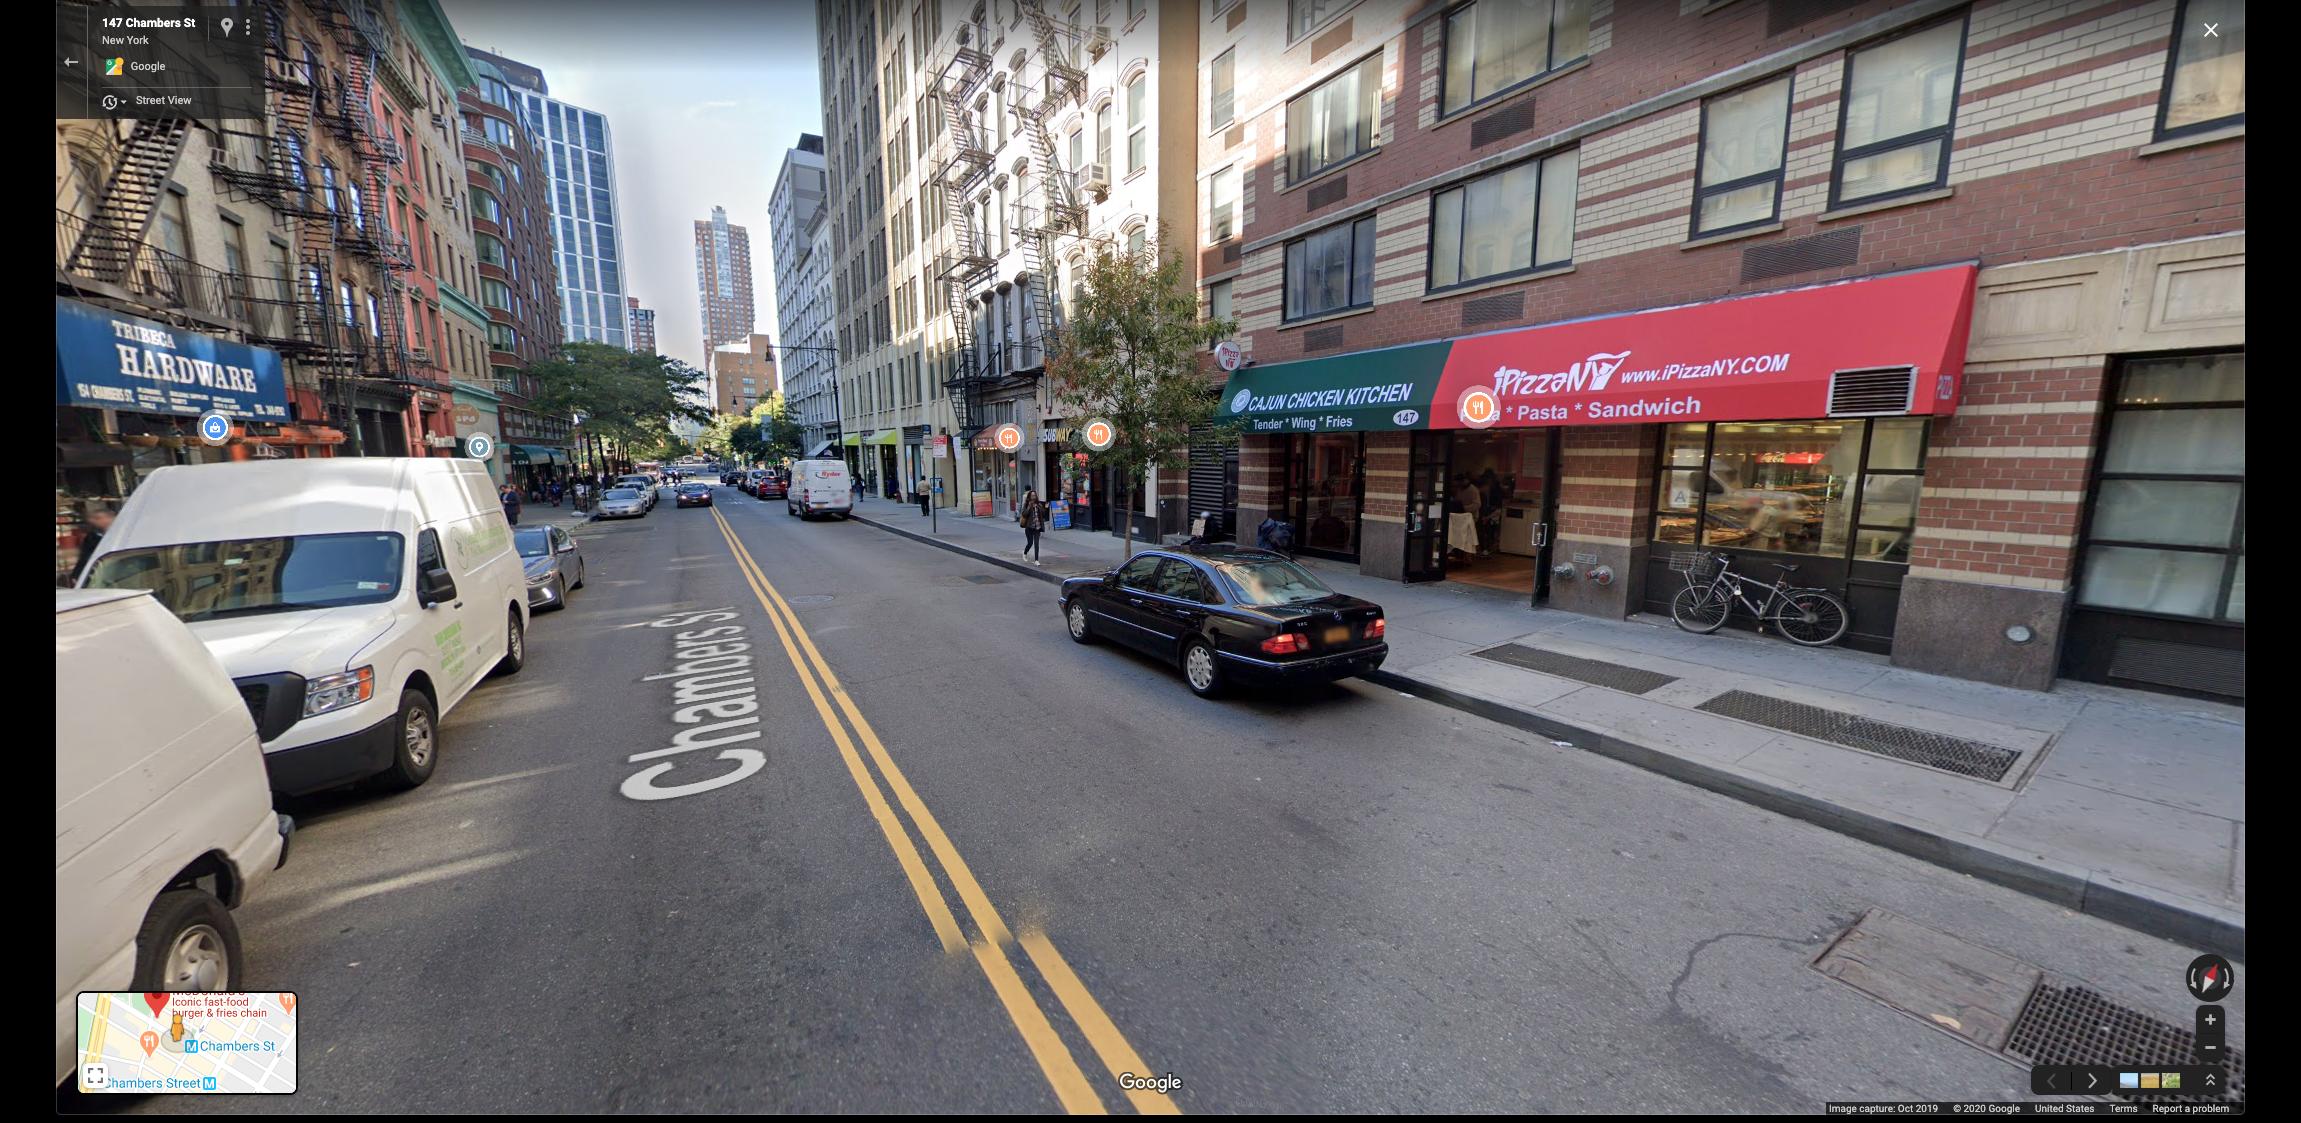 Sur Street View dans Google Maps, des pastilles interactives permettront de mieux repérer les établissements